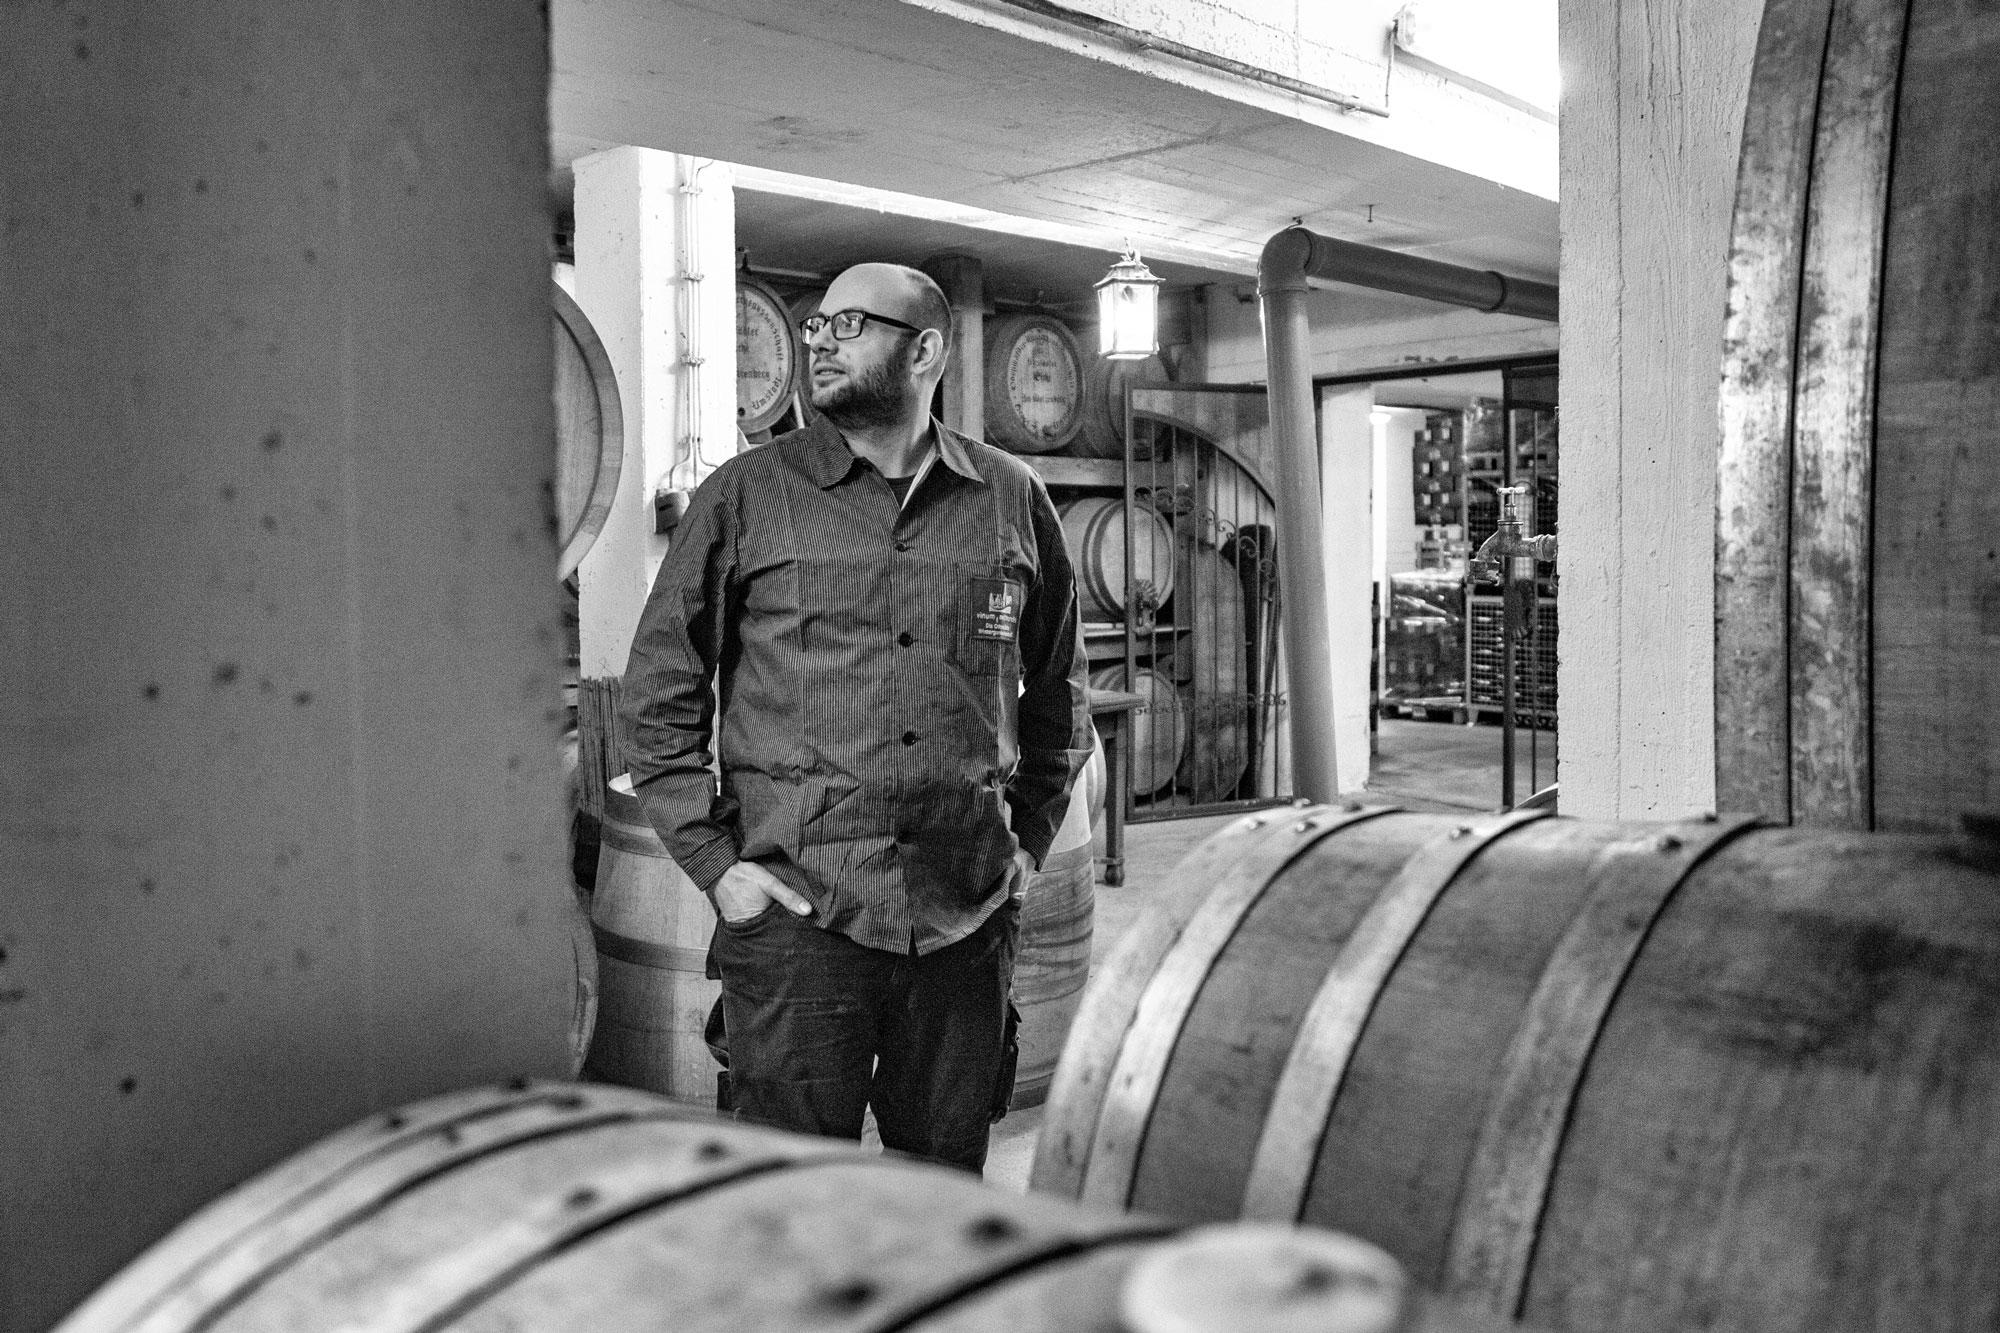 Christoph Oesswein im Keller der Odenwälder Winzergenossenschaft vinum autmundis